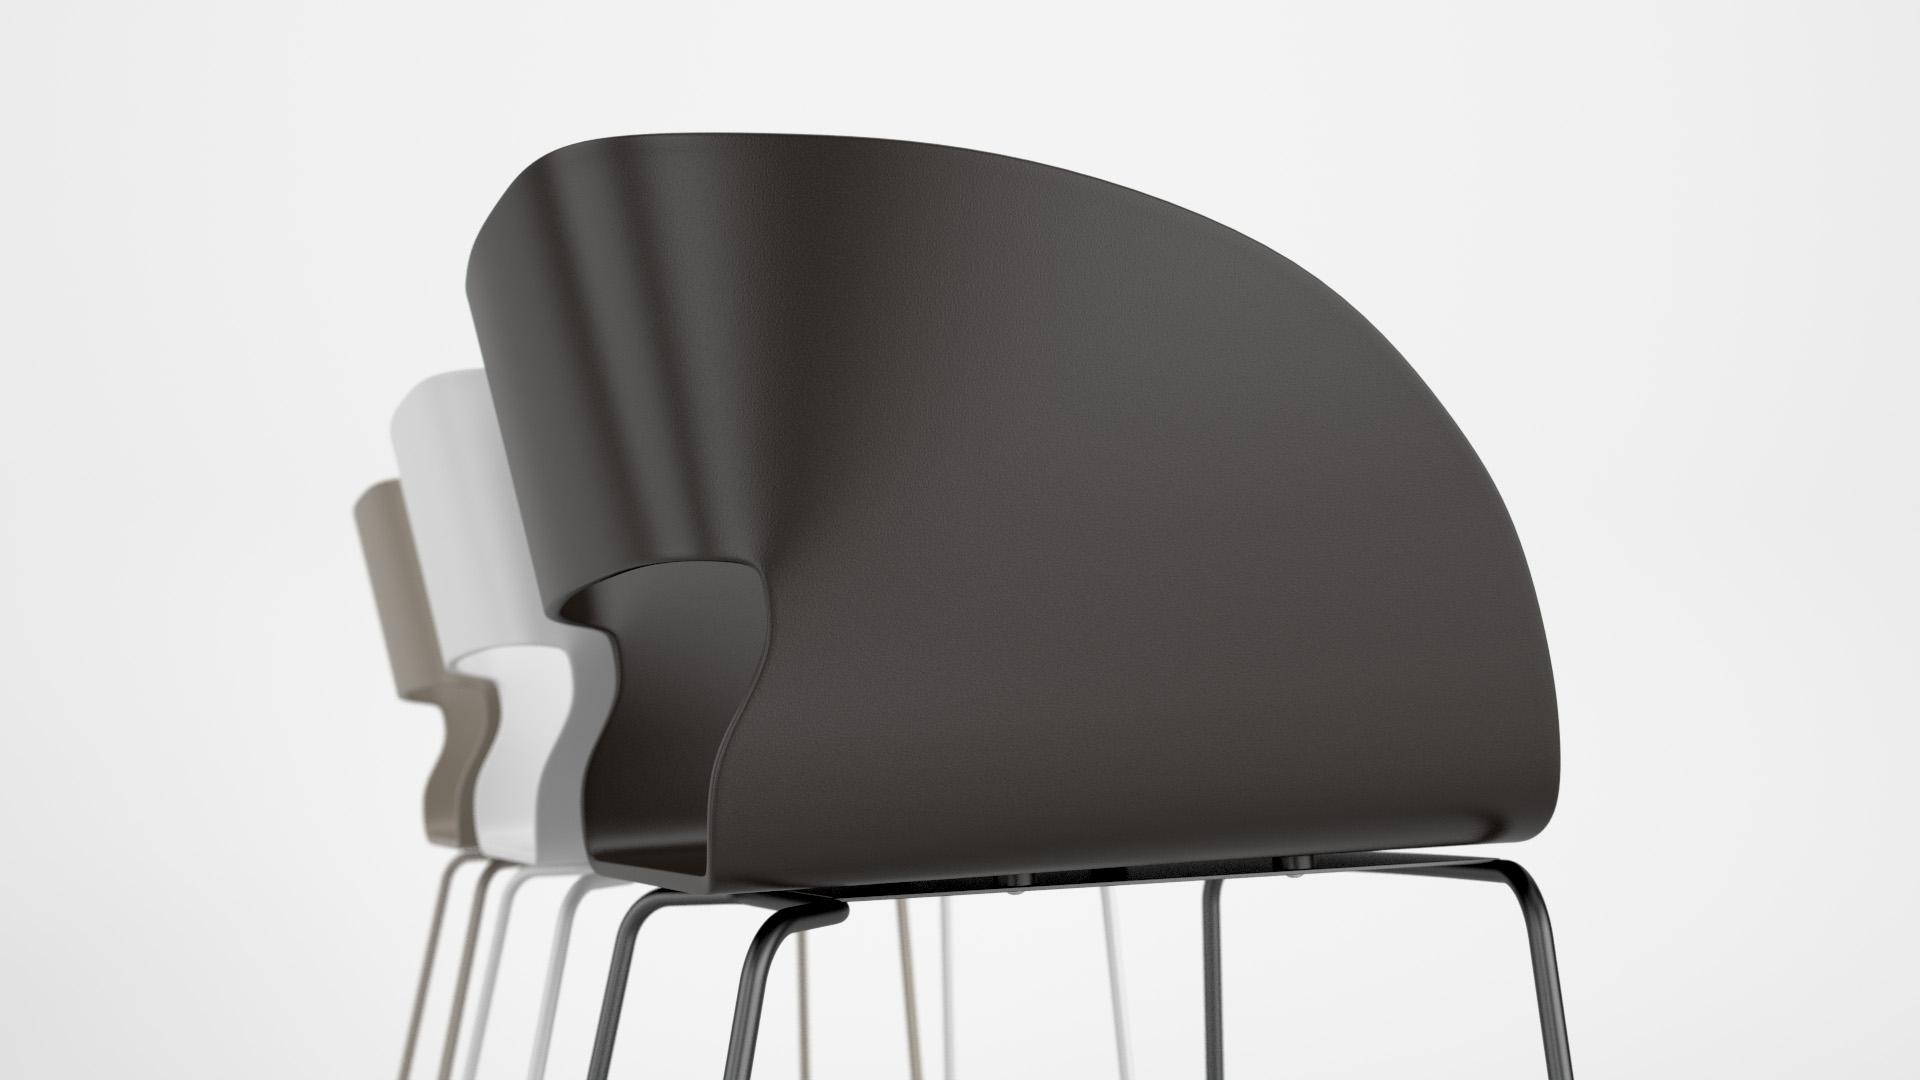 Vintage_Chair_SledLegs_WhiteSet_01_0006